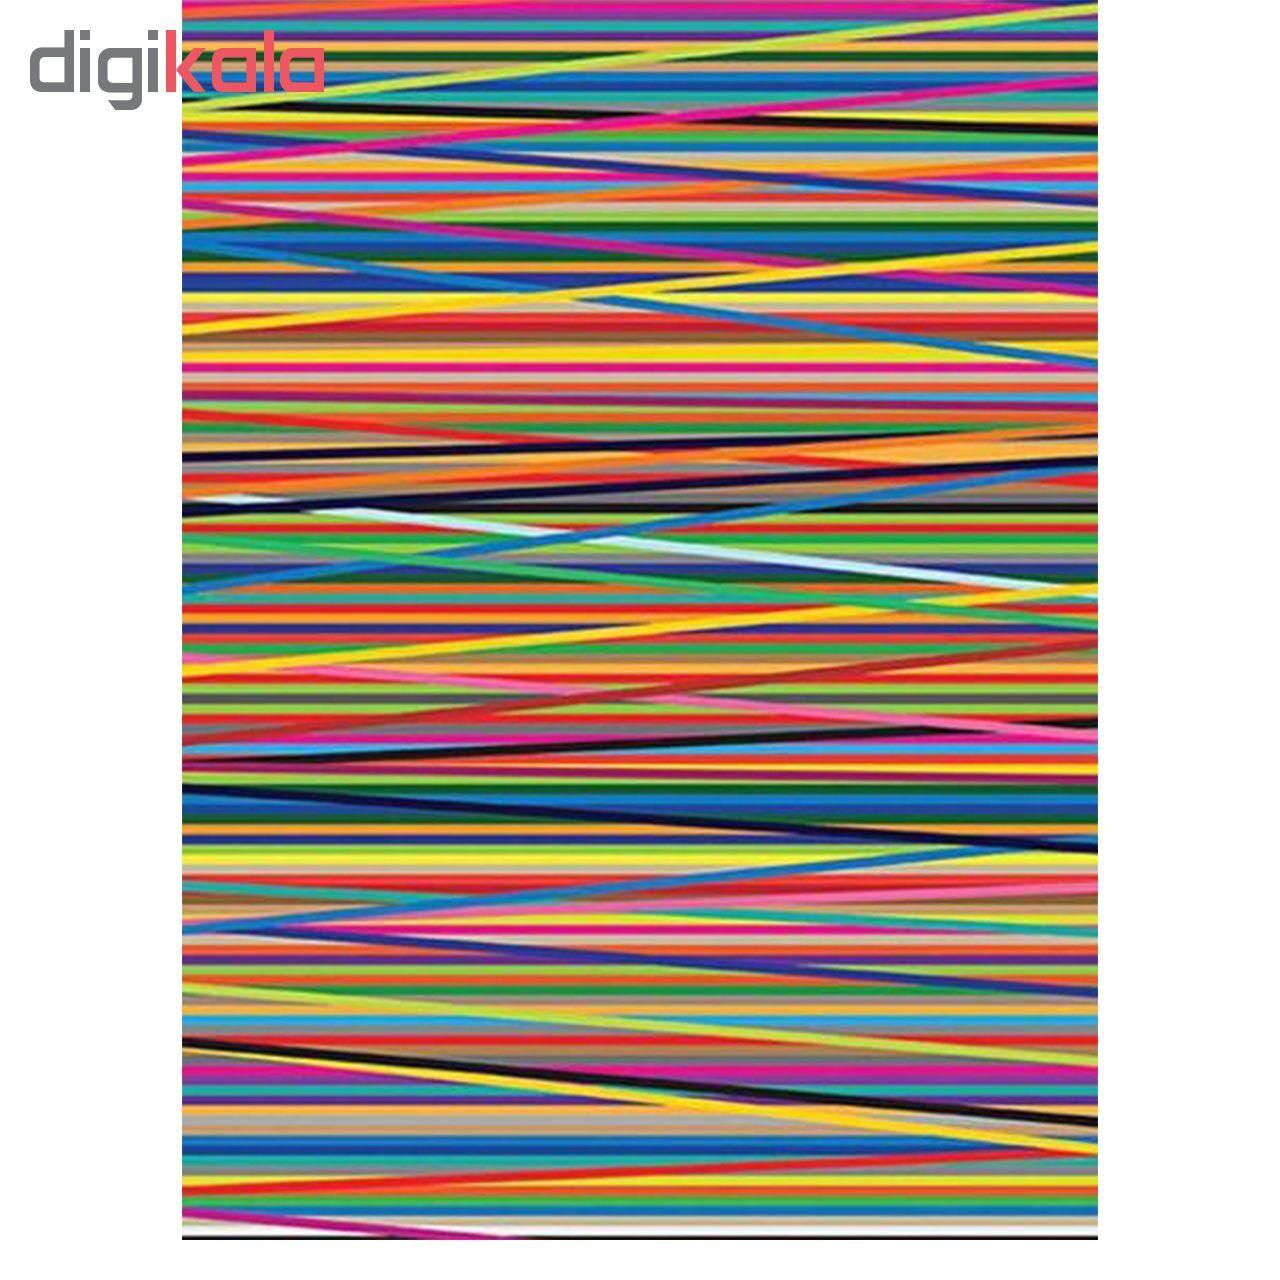 کاغذ کادو طرح رنگین کمان کد 342 بسته  5 عددی main 1 1